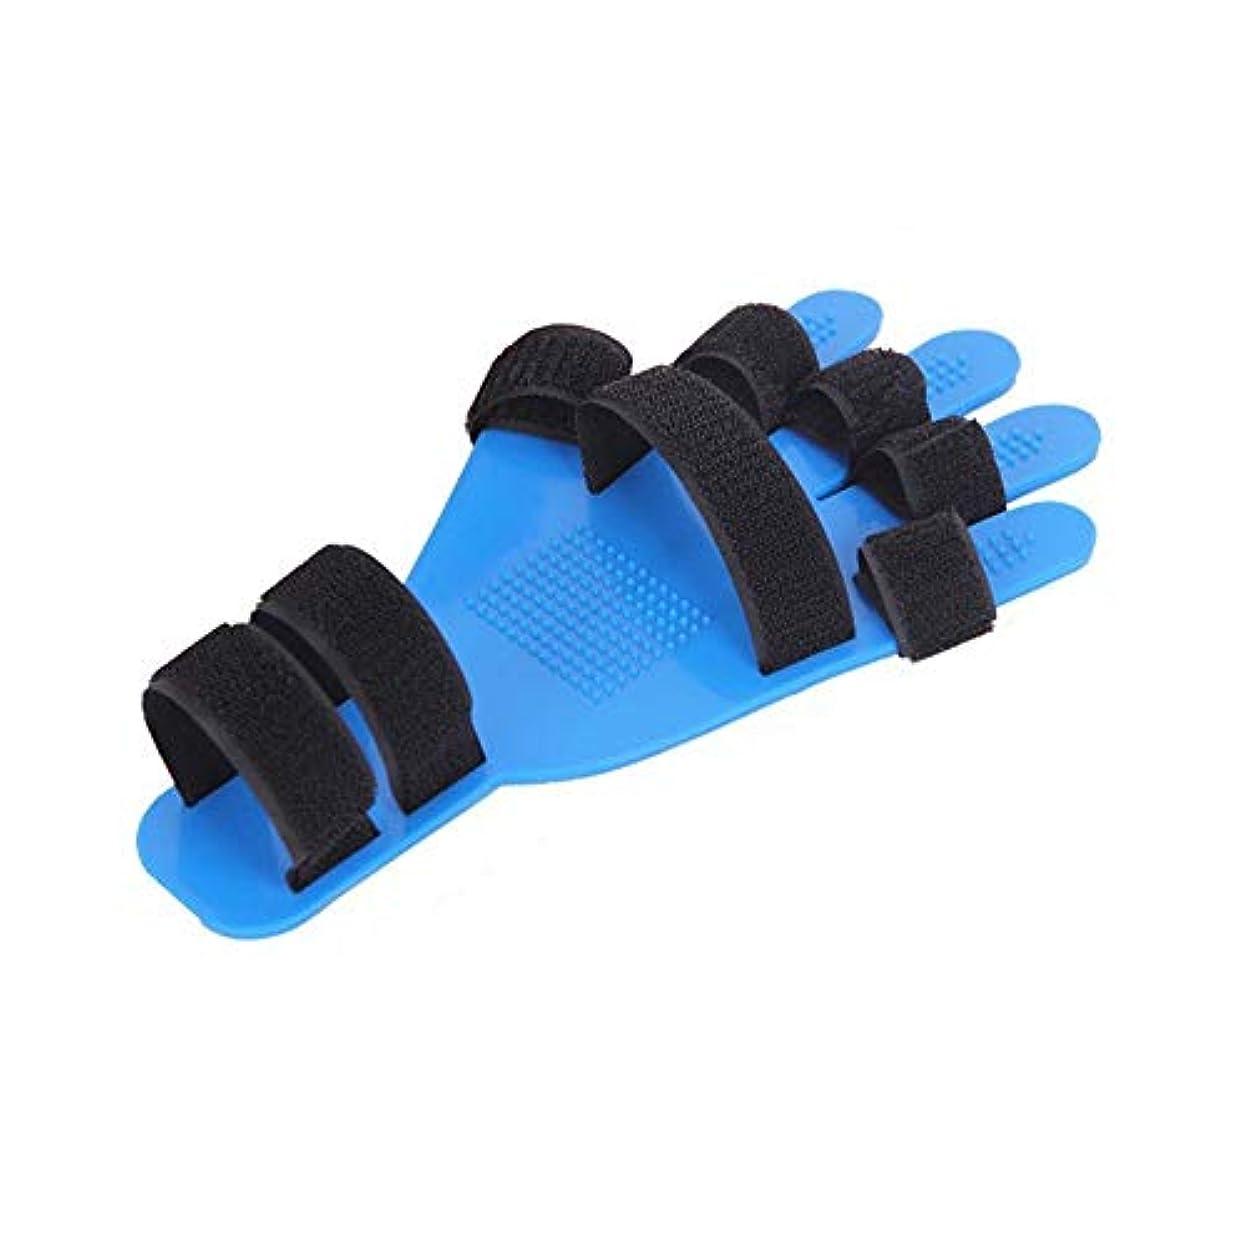 神秘リーダーシップ百万指トレーニングボード 指の訓練板 指サポーター 修正指板 指の添え木指板 指リハビリ訓練器具 調節可能 左右手通用